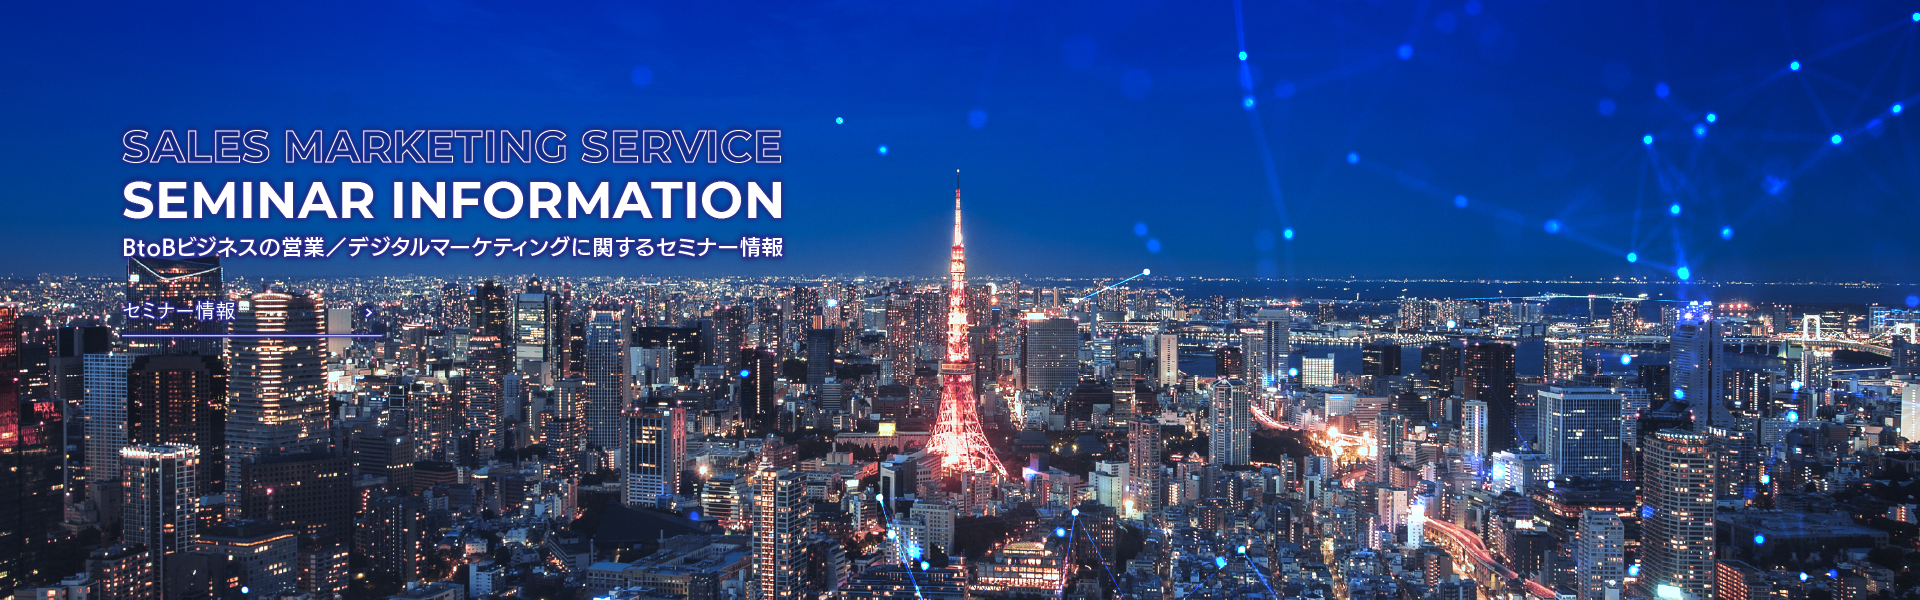 セミナー情報 | BtoBビジネスの営業/デジタルマーケティングに関するセミナー情報